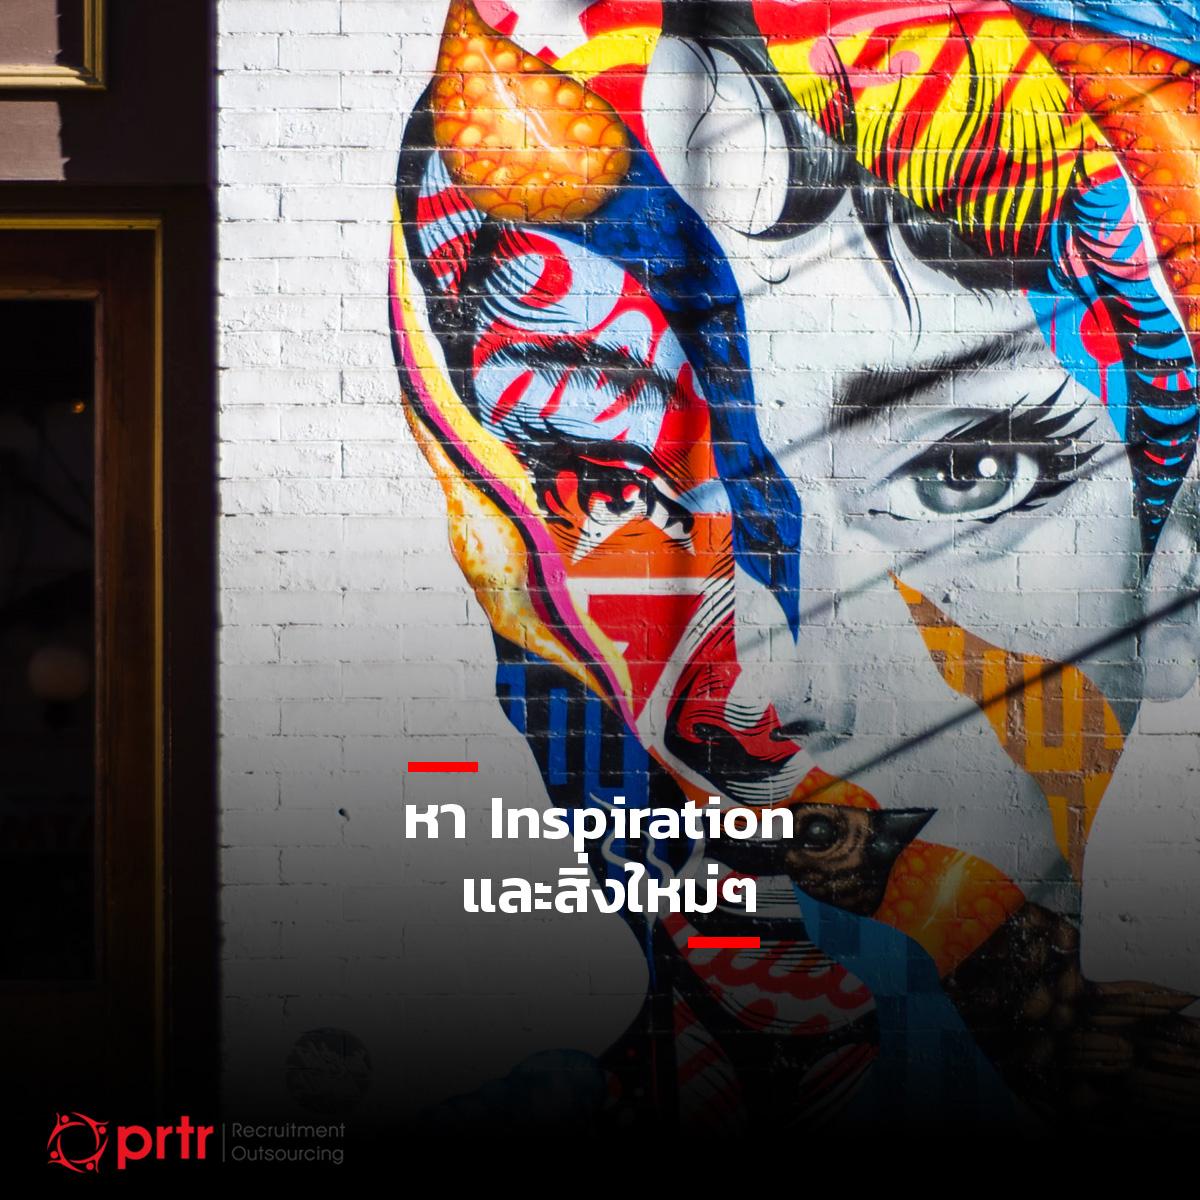 หา Inspiration และสิ่งใหม่ๆ